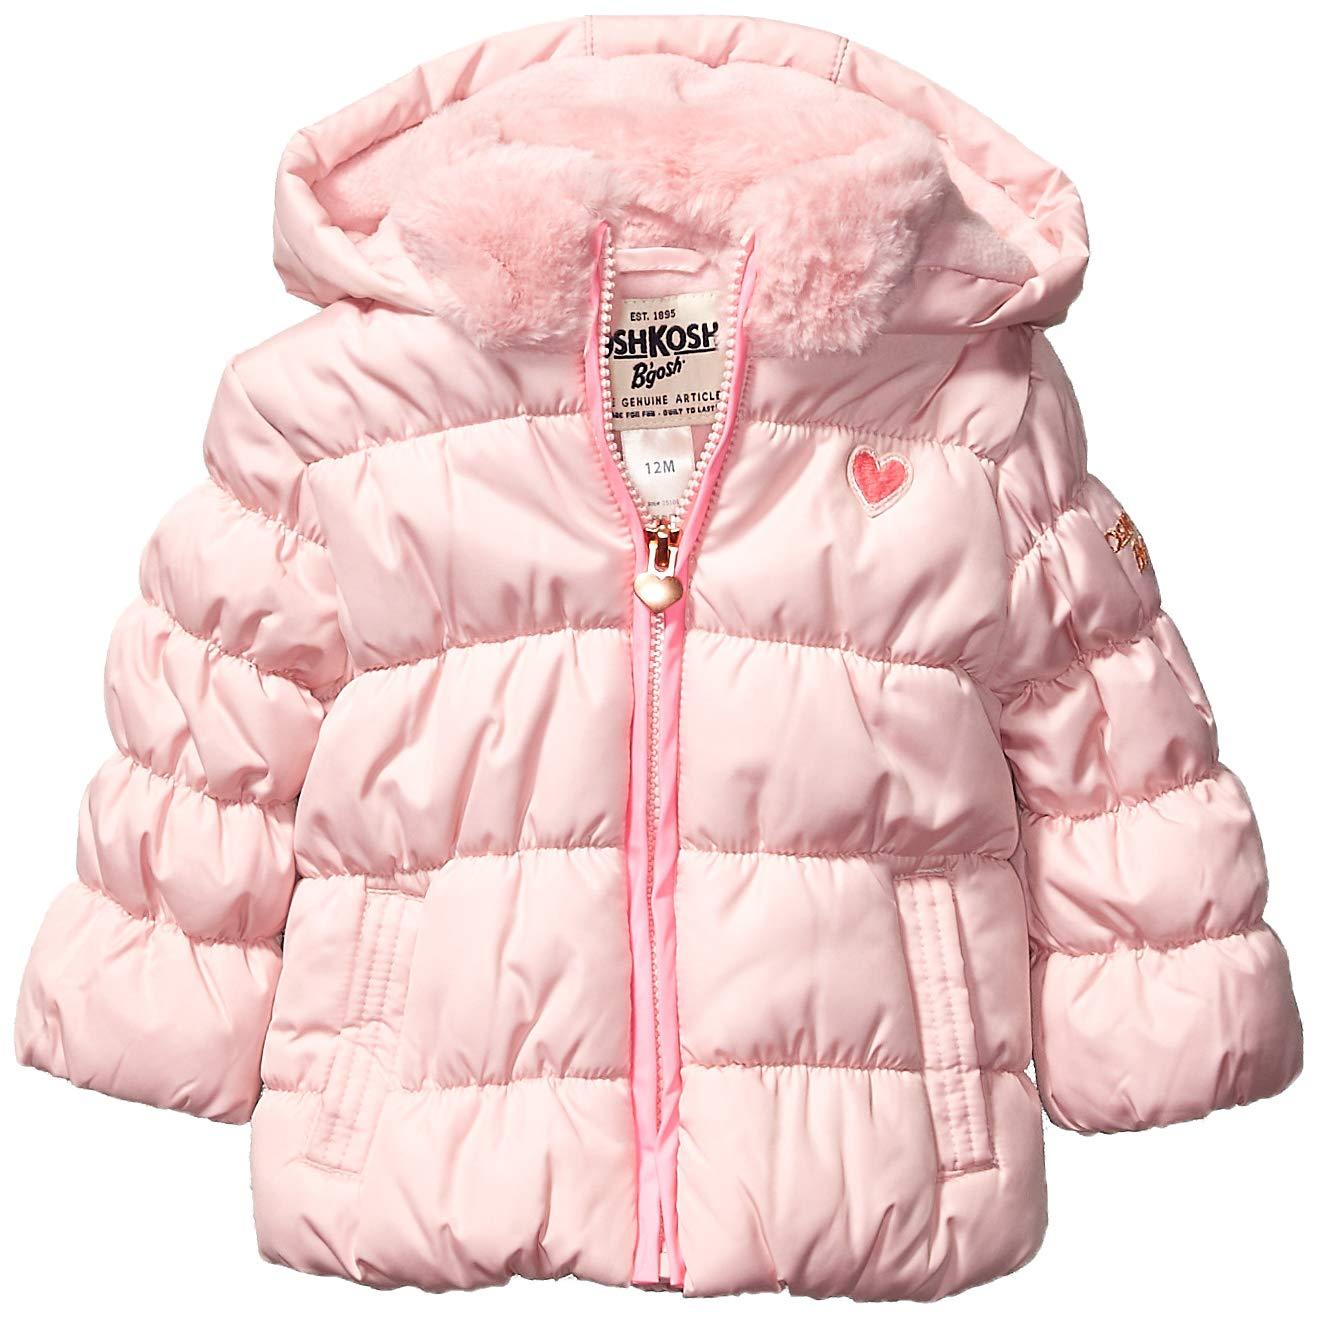 Osh Kosh Baby Girls Perfect Puffer Jacket, Sweet Pea Pink, 18Mo by OshKosh B'Gosh